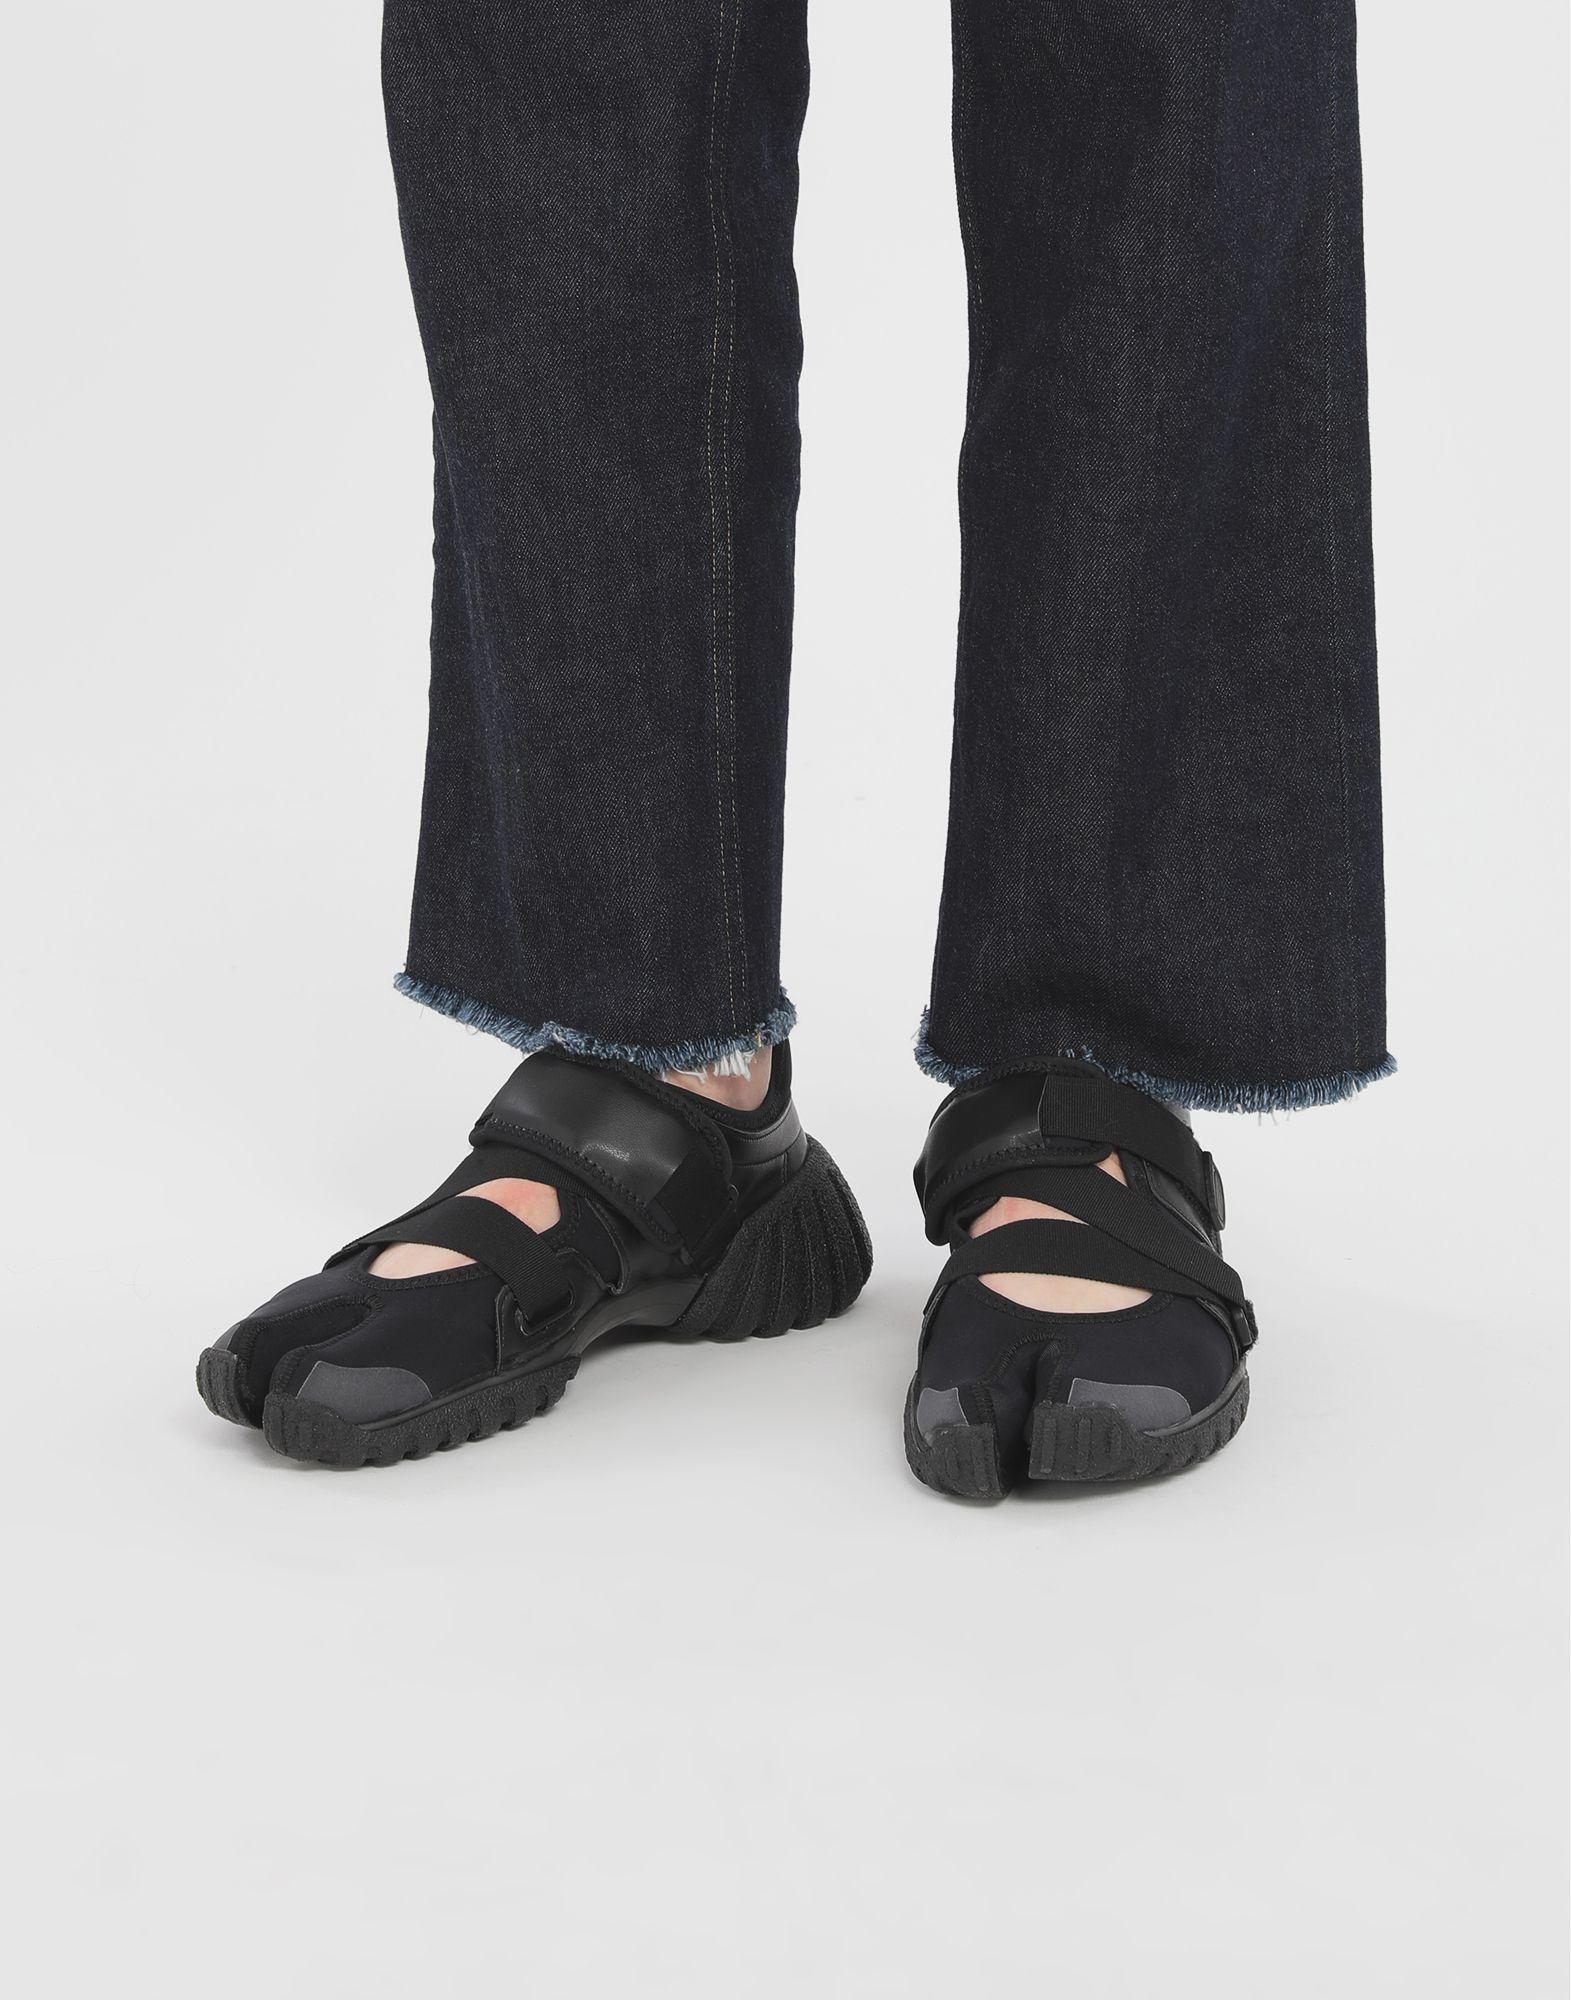 MAISON MARGIELA Medic low top sneakers Sneakers Tabi Man r